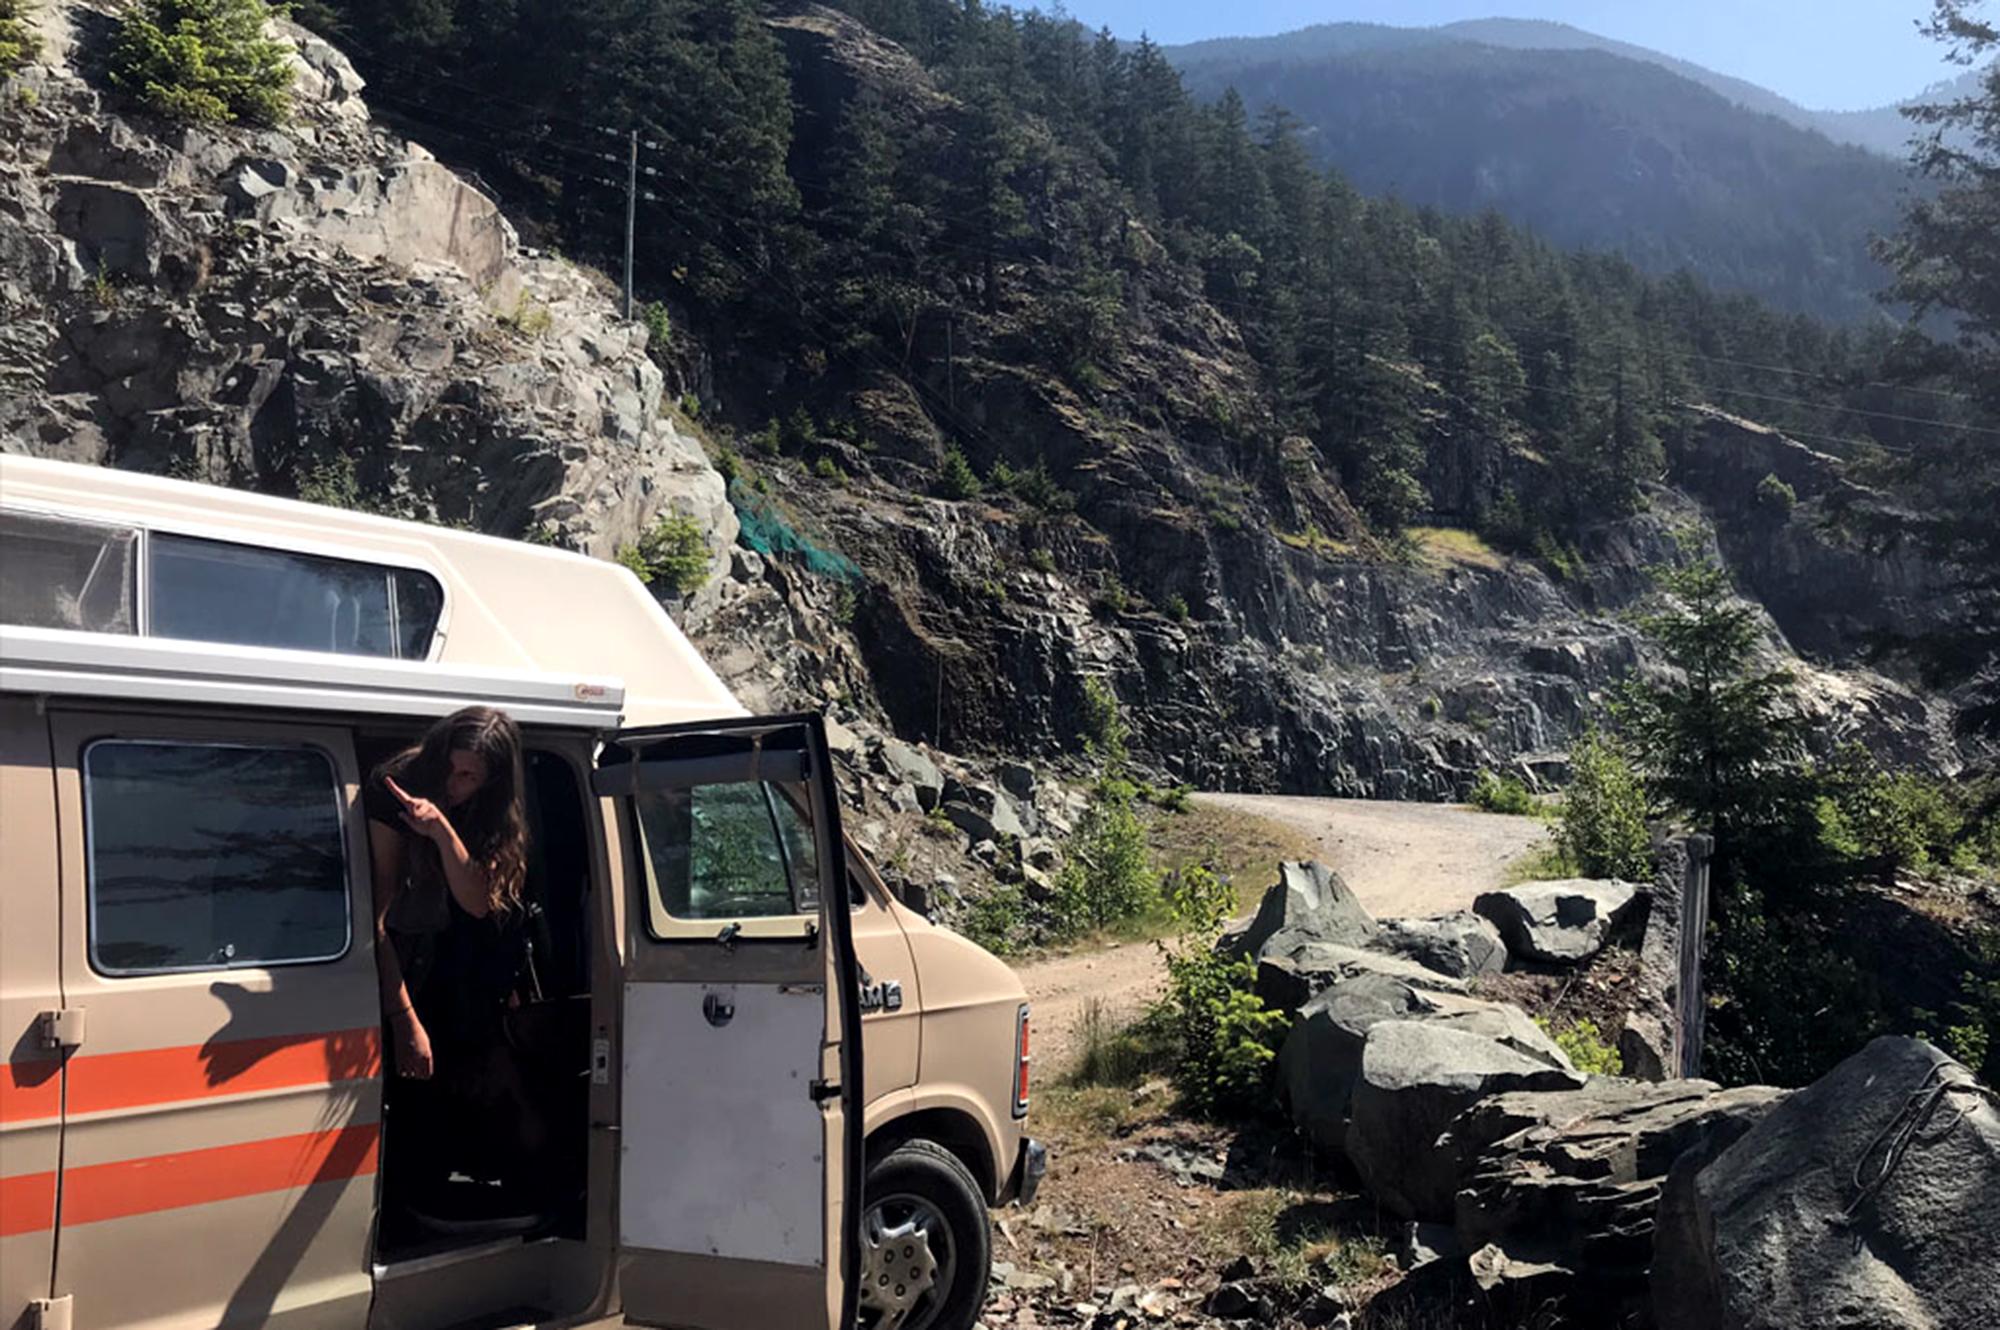 Generic Van Life - Vancouver Squamish Hwy 99